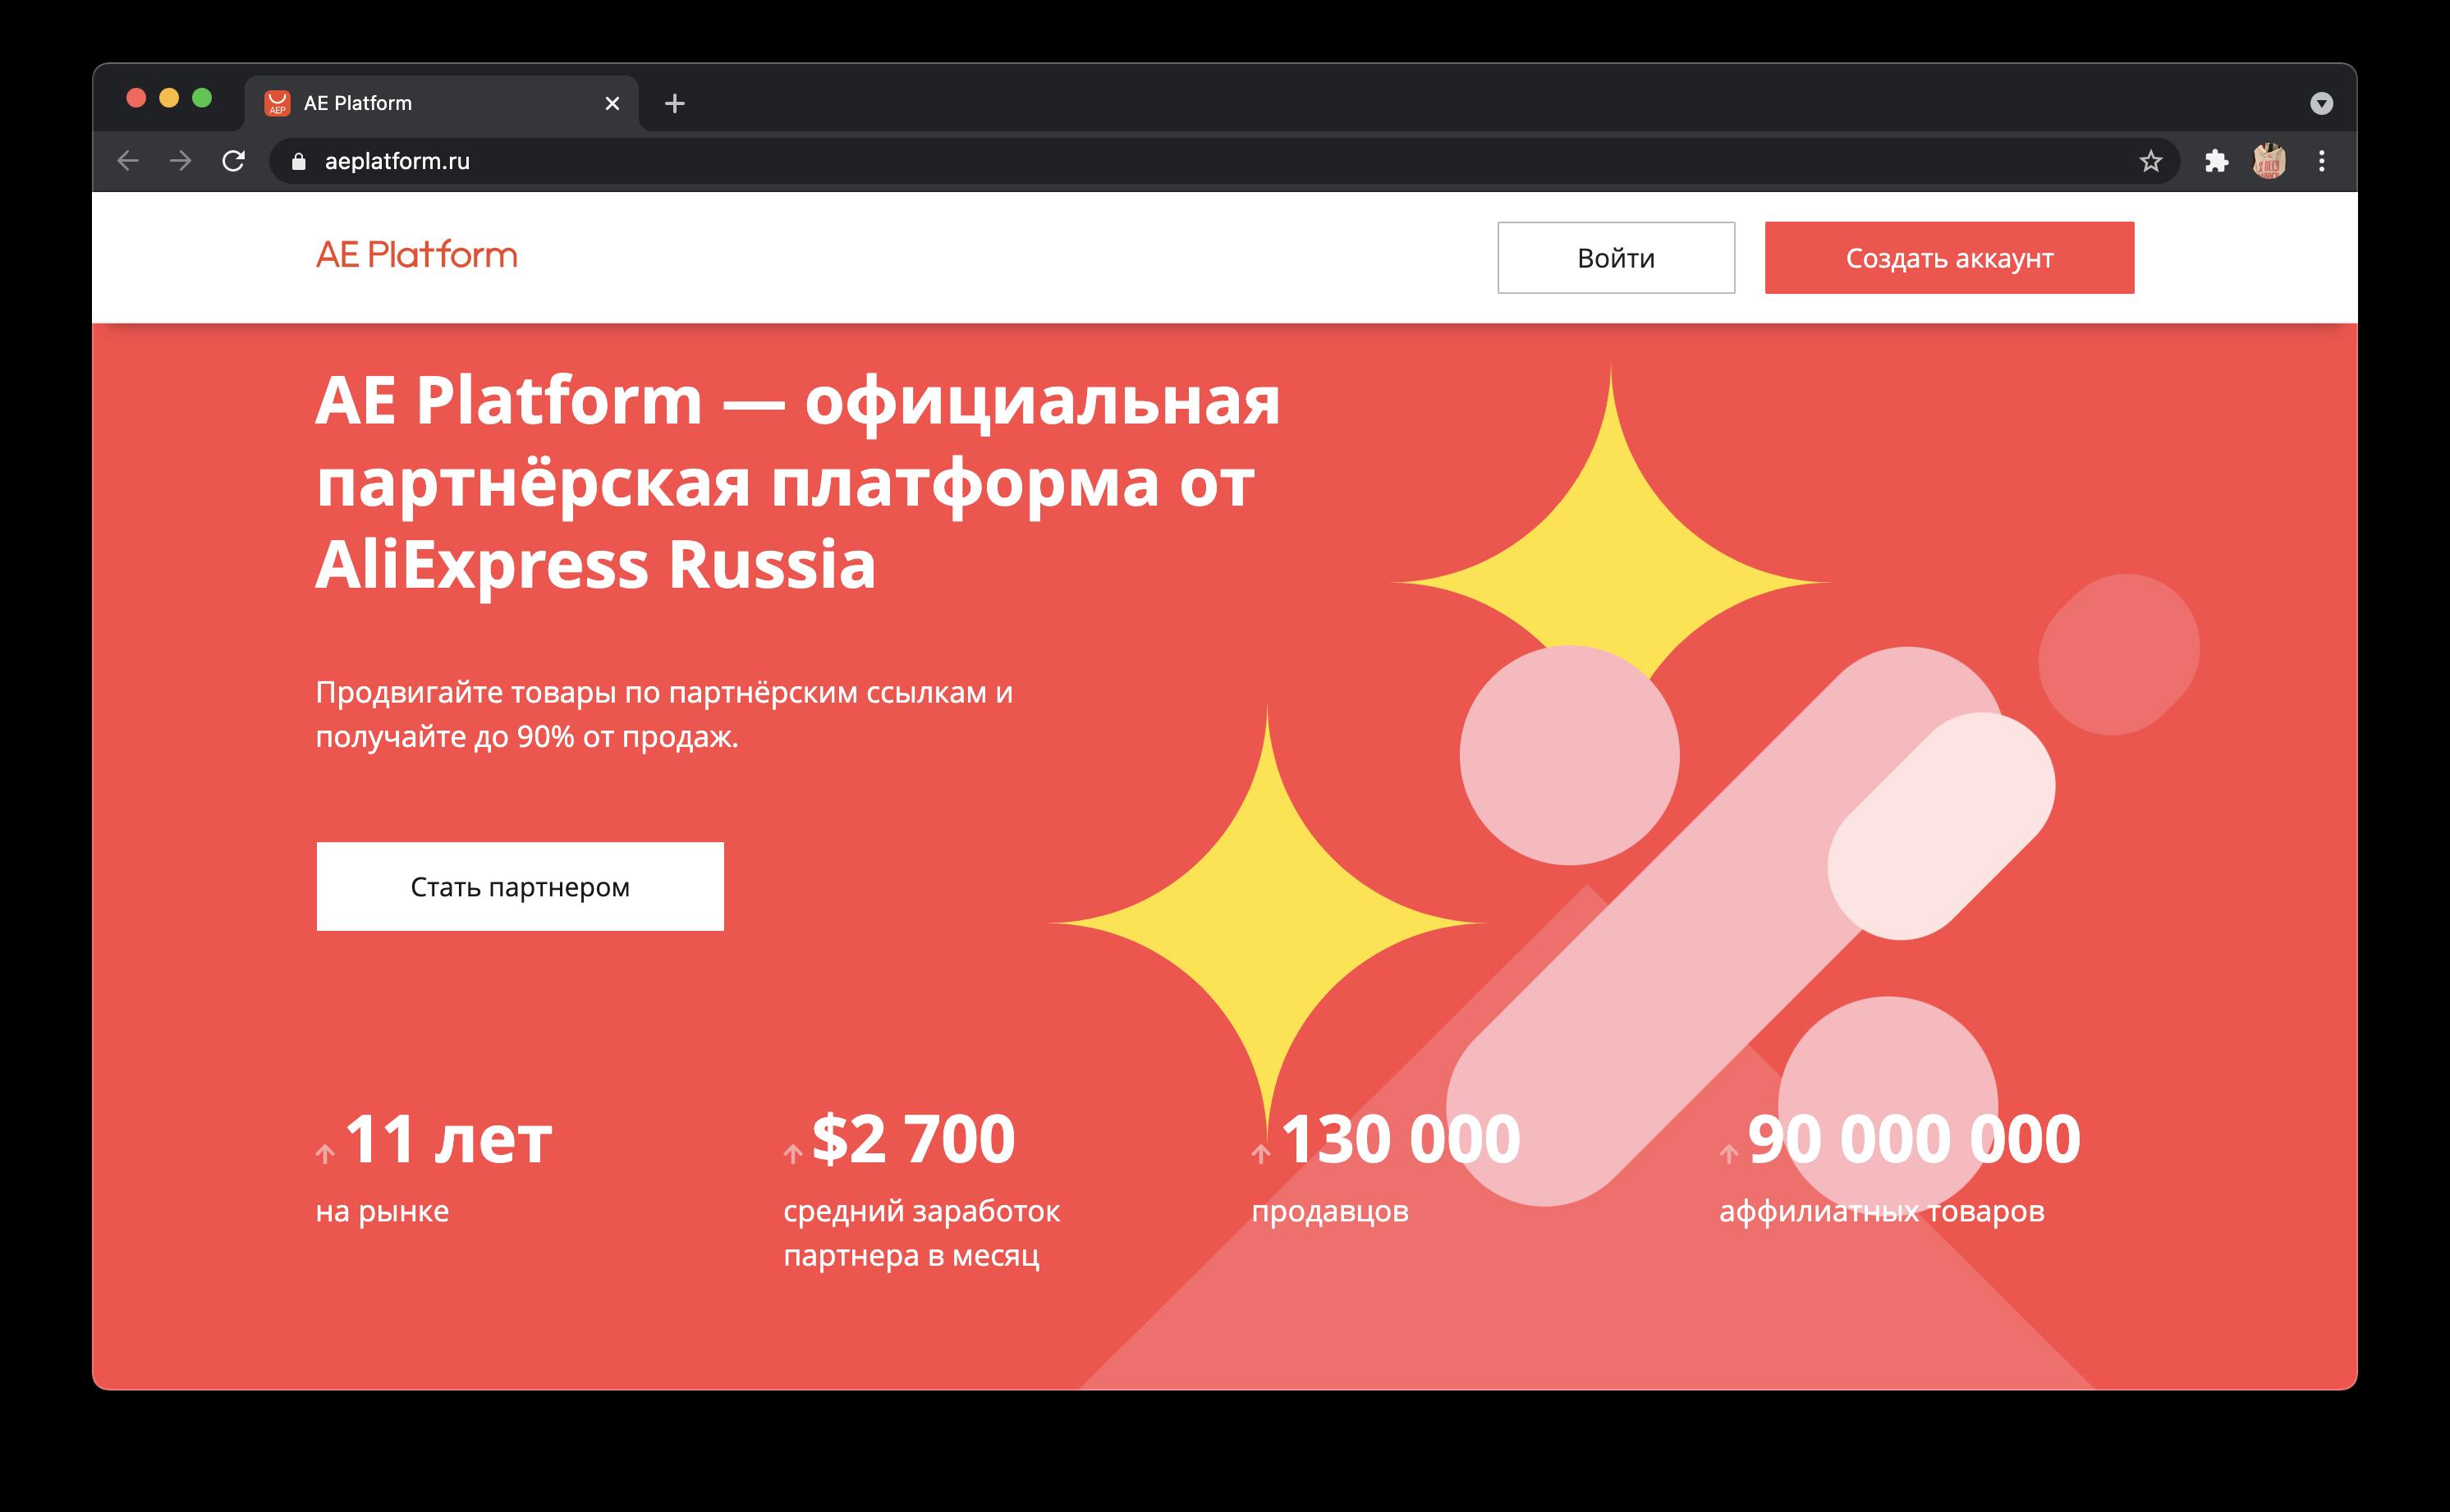 Aliexpress Россия планирует запустить собственную nutra-партнерку